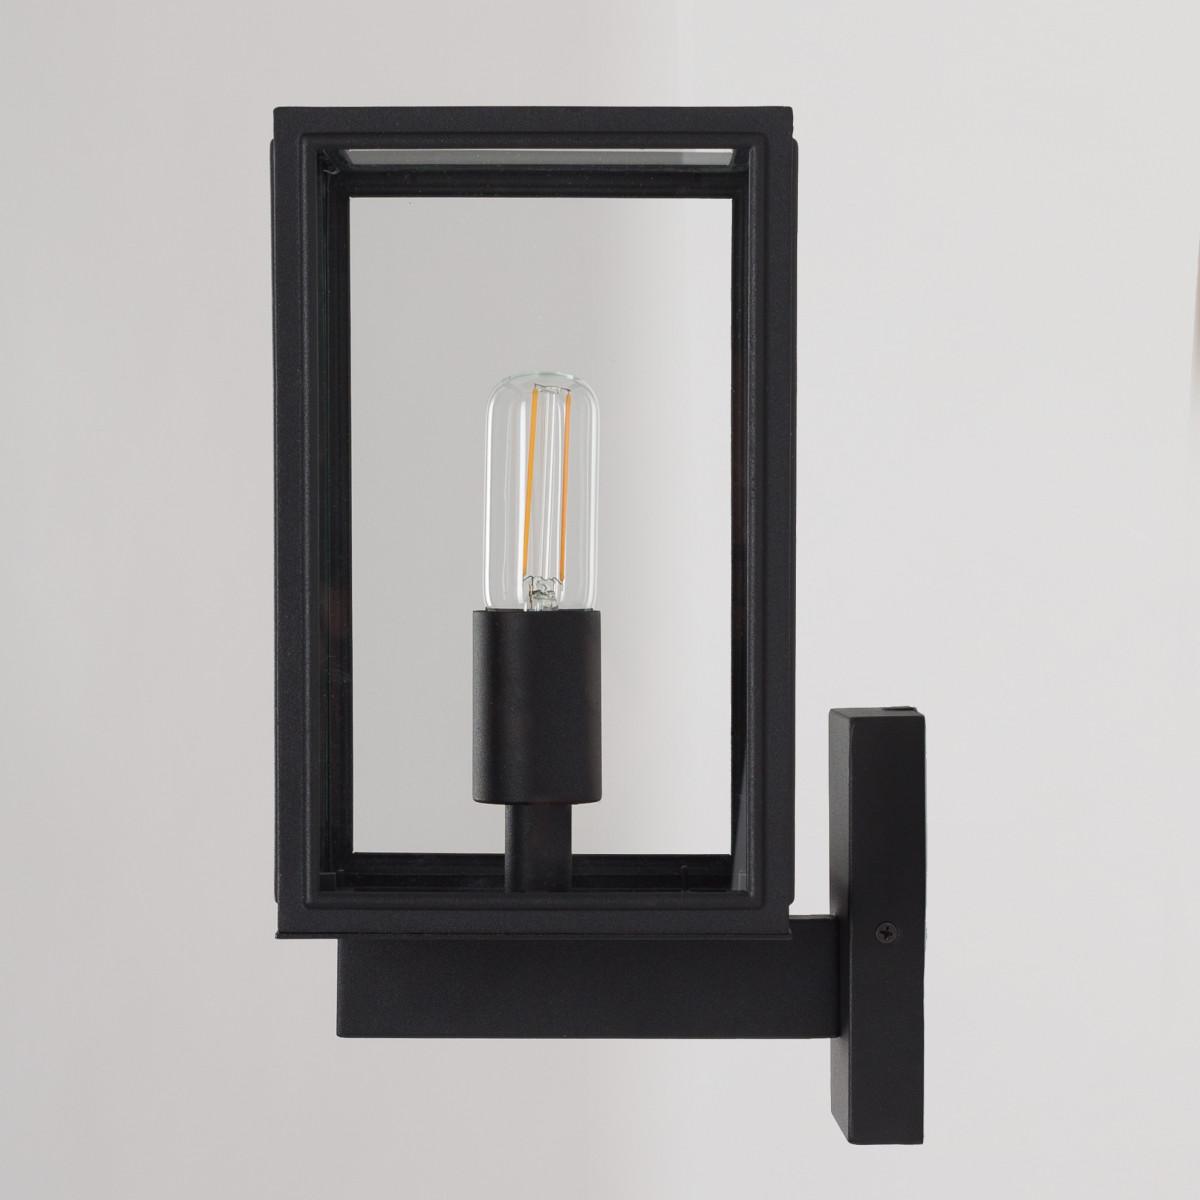 Moderne zwarte buitenlamp met heldere beglazing verlichting voor aan de wand buiten